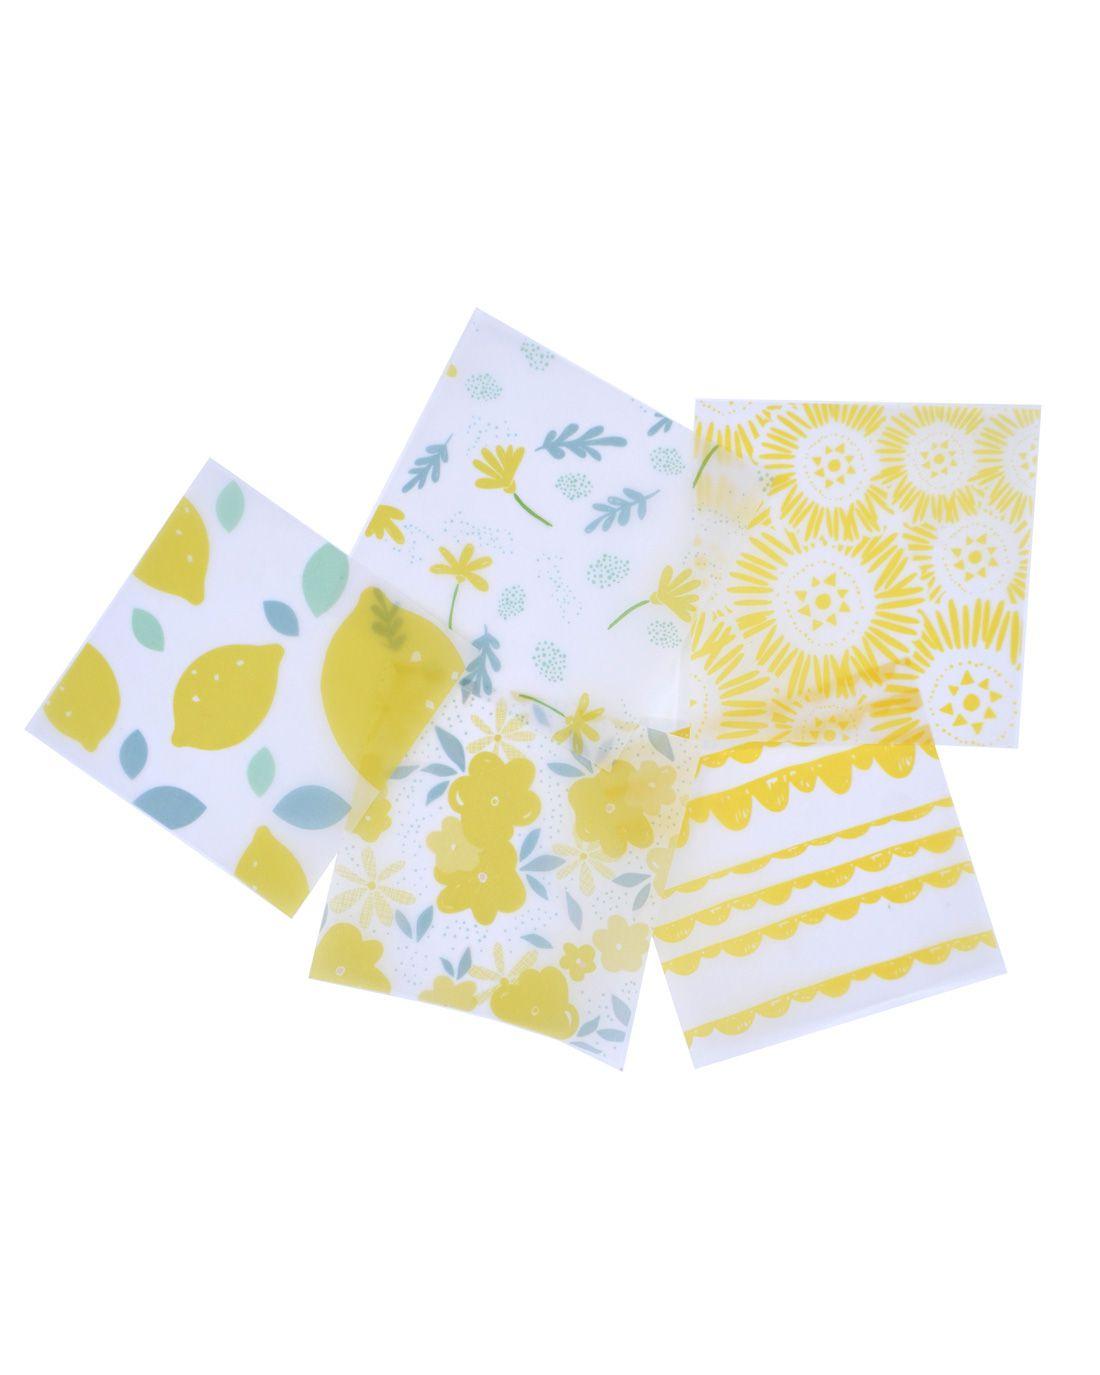 Kit de papel vegetal - Yellow